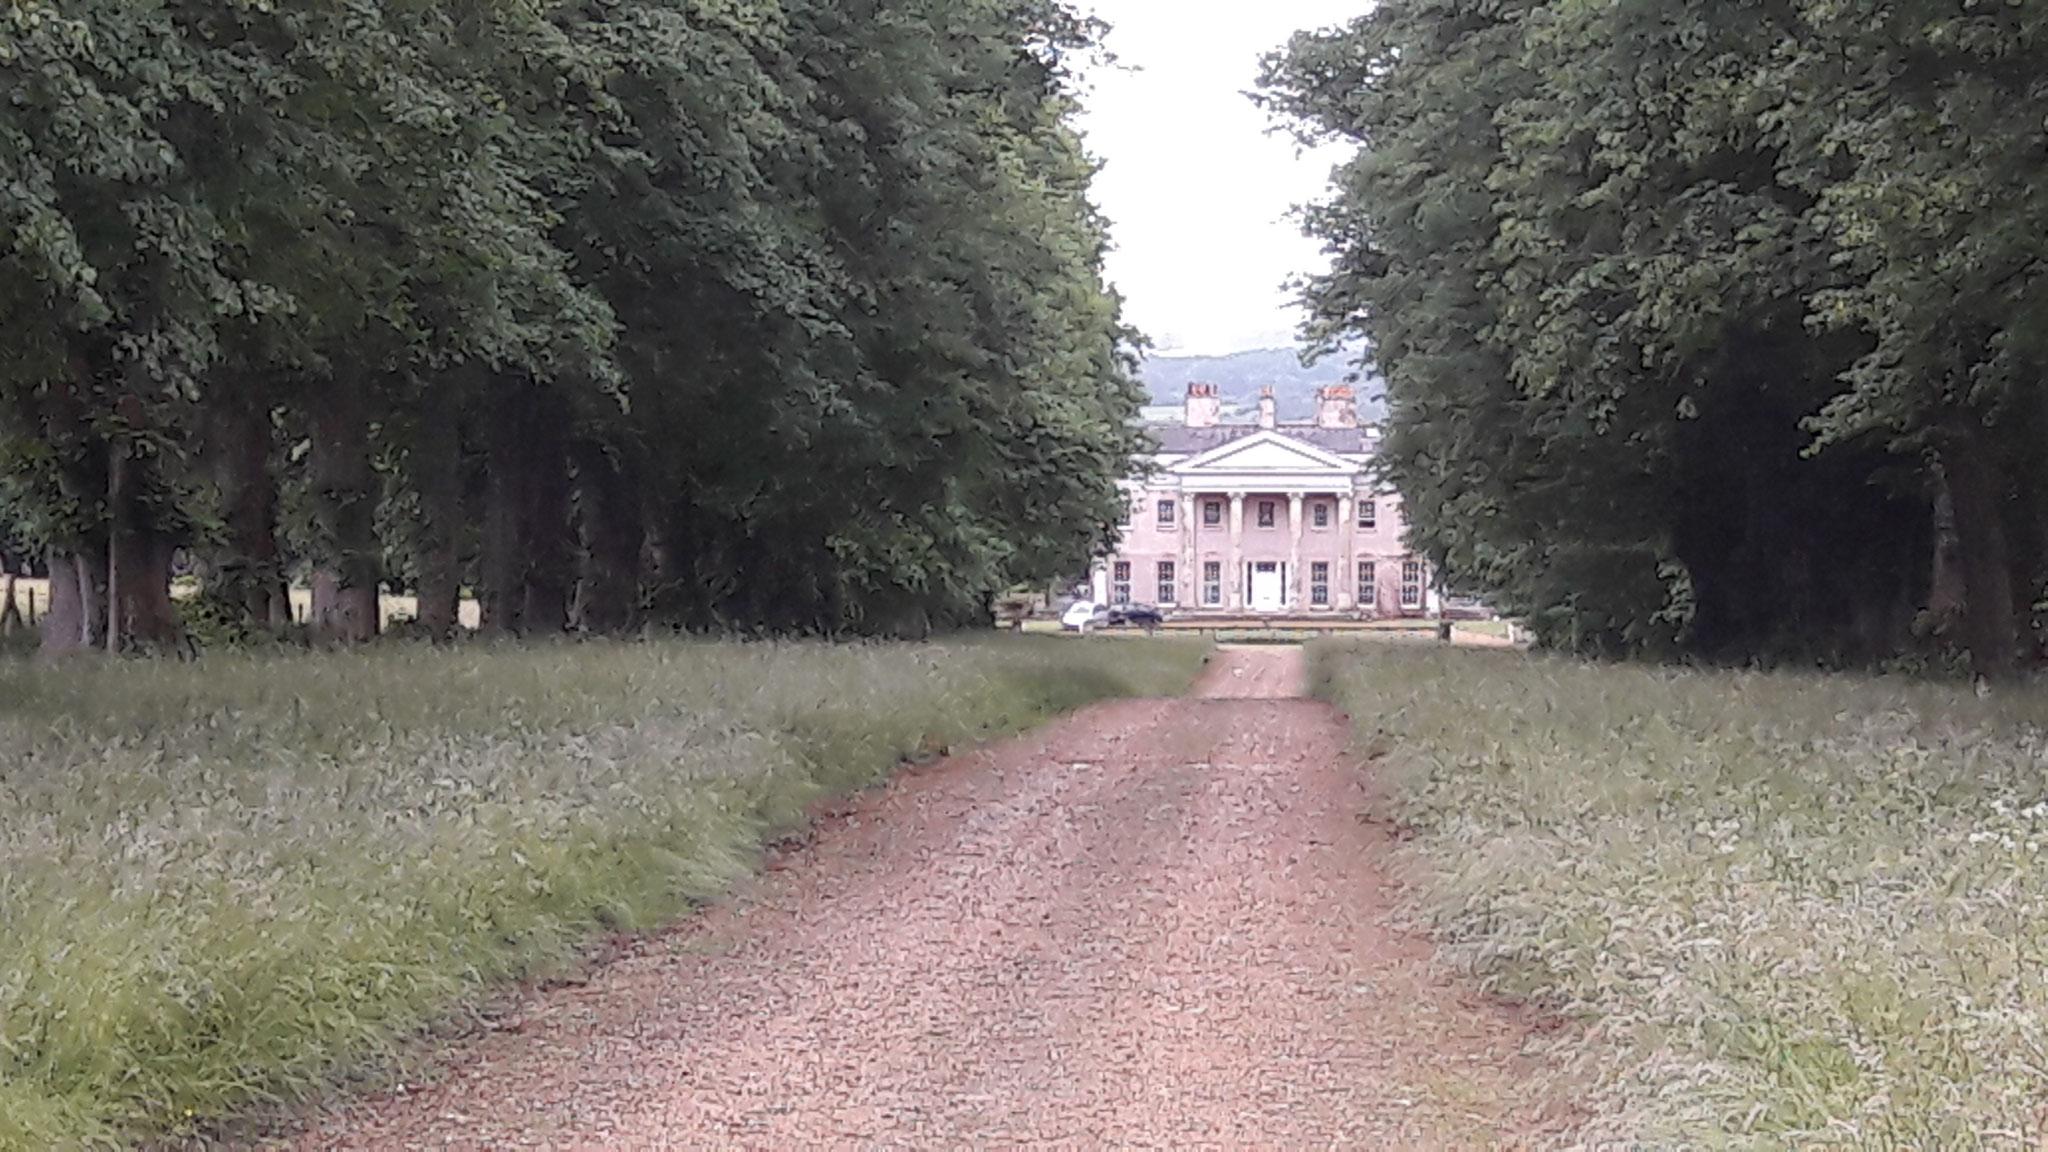 eine der vielen alten Herrenhäuser am Wegesrand die zum National Trust gehören